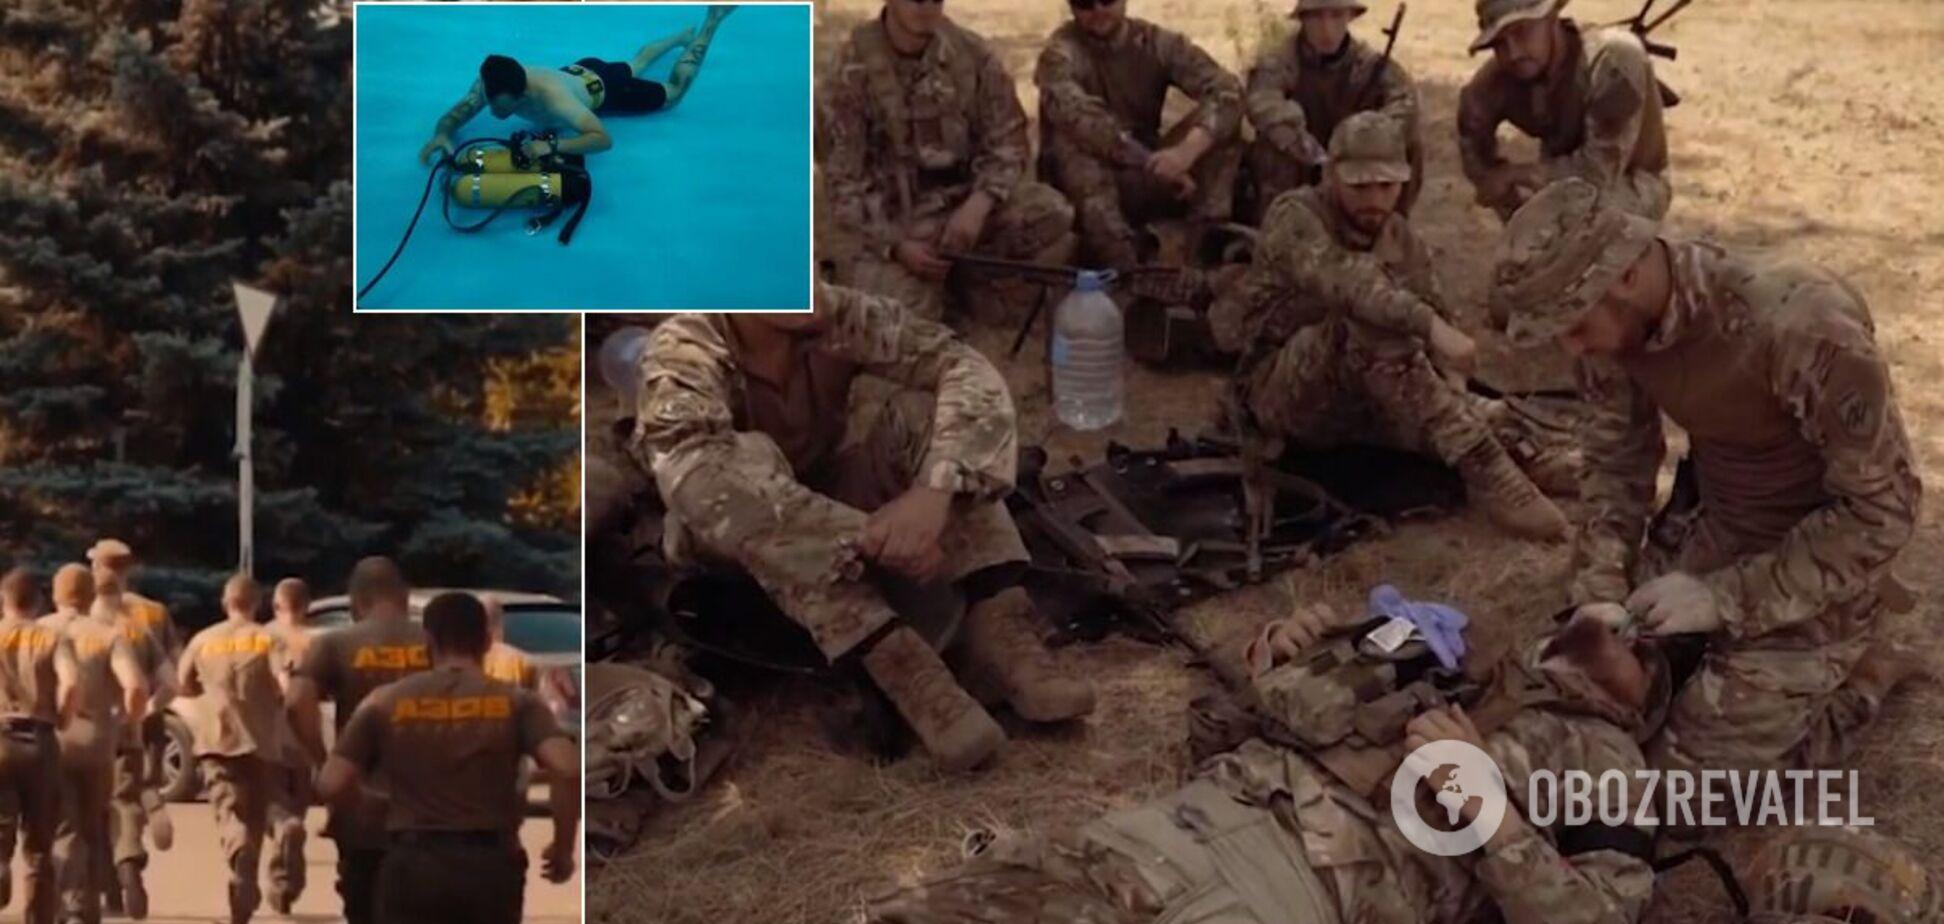 Бійці 'Азова' плавають зв'язаними і вчаться наступати